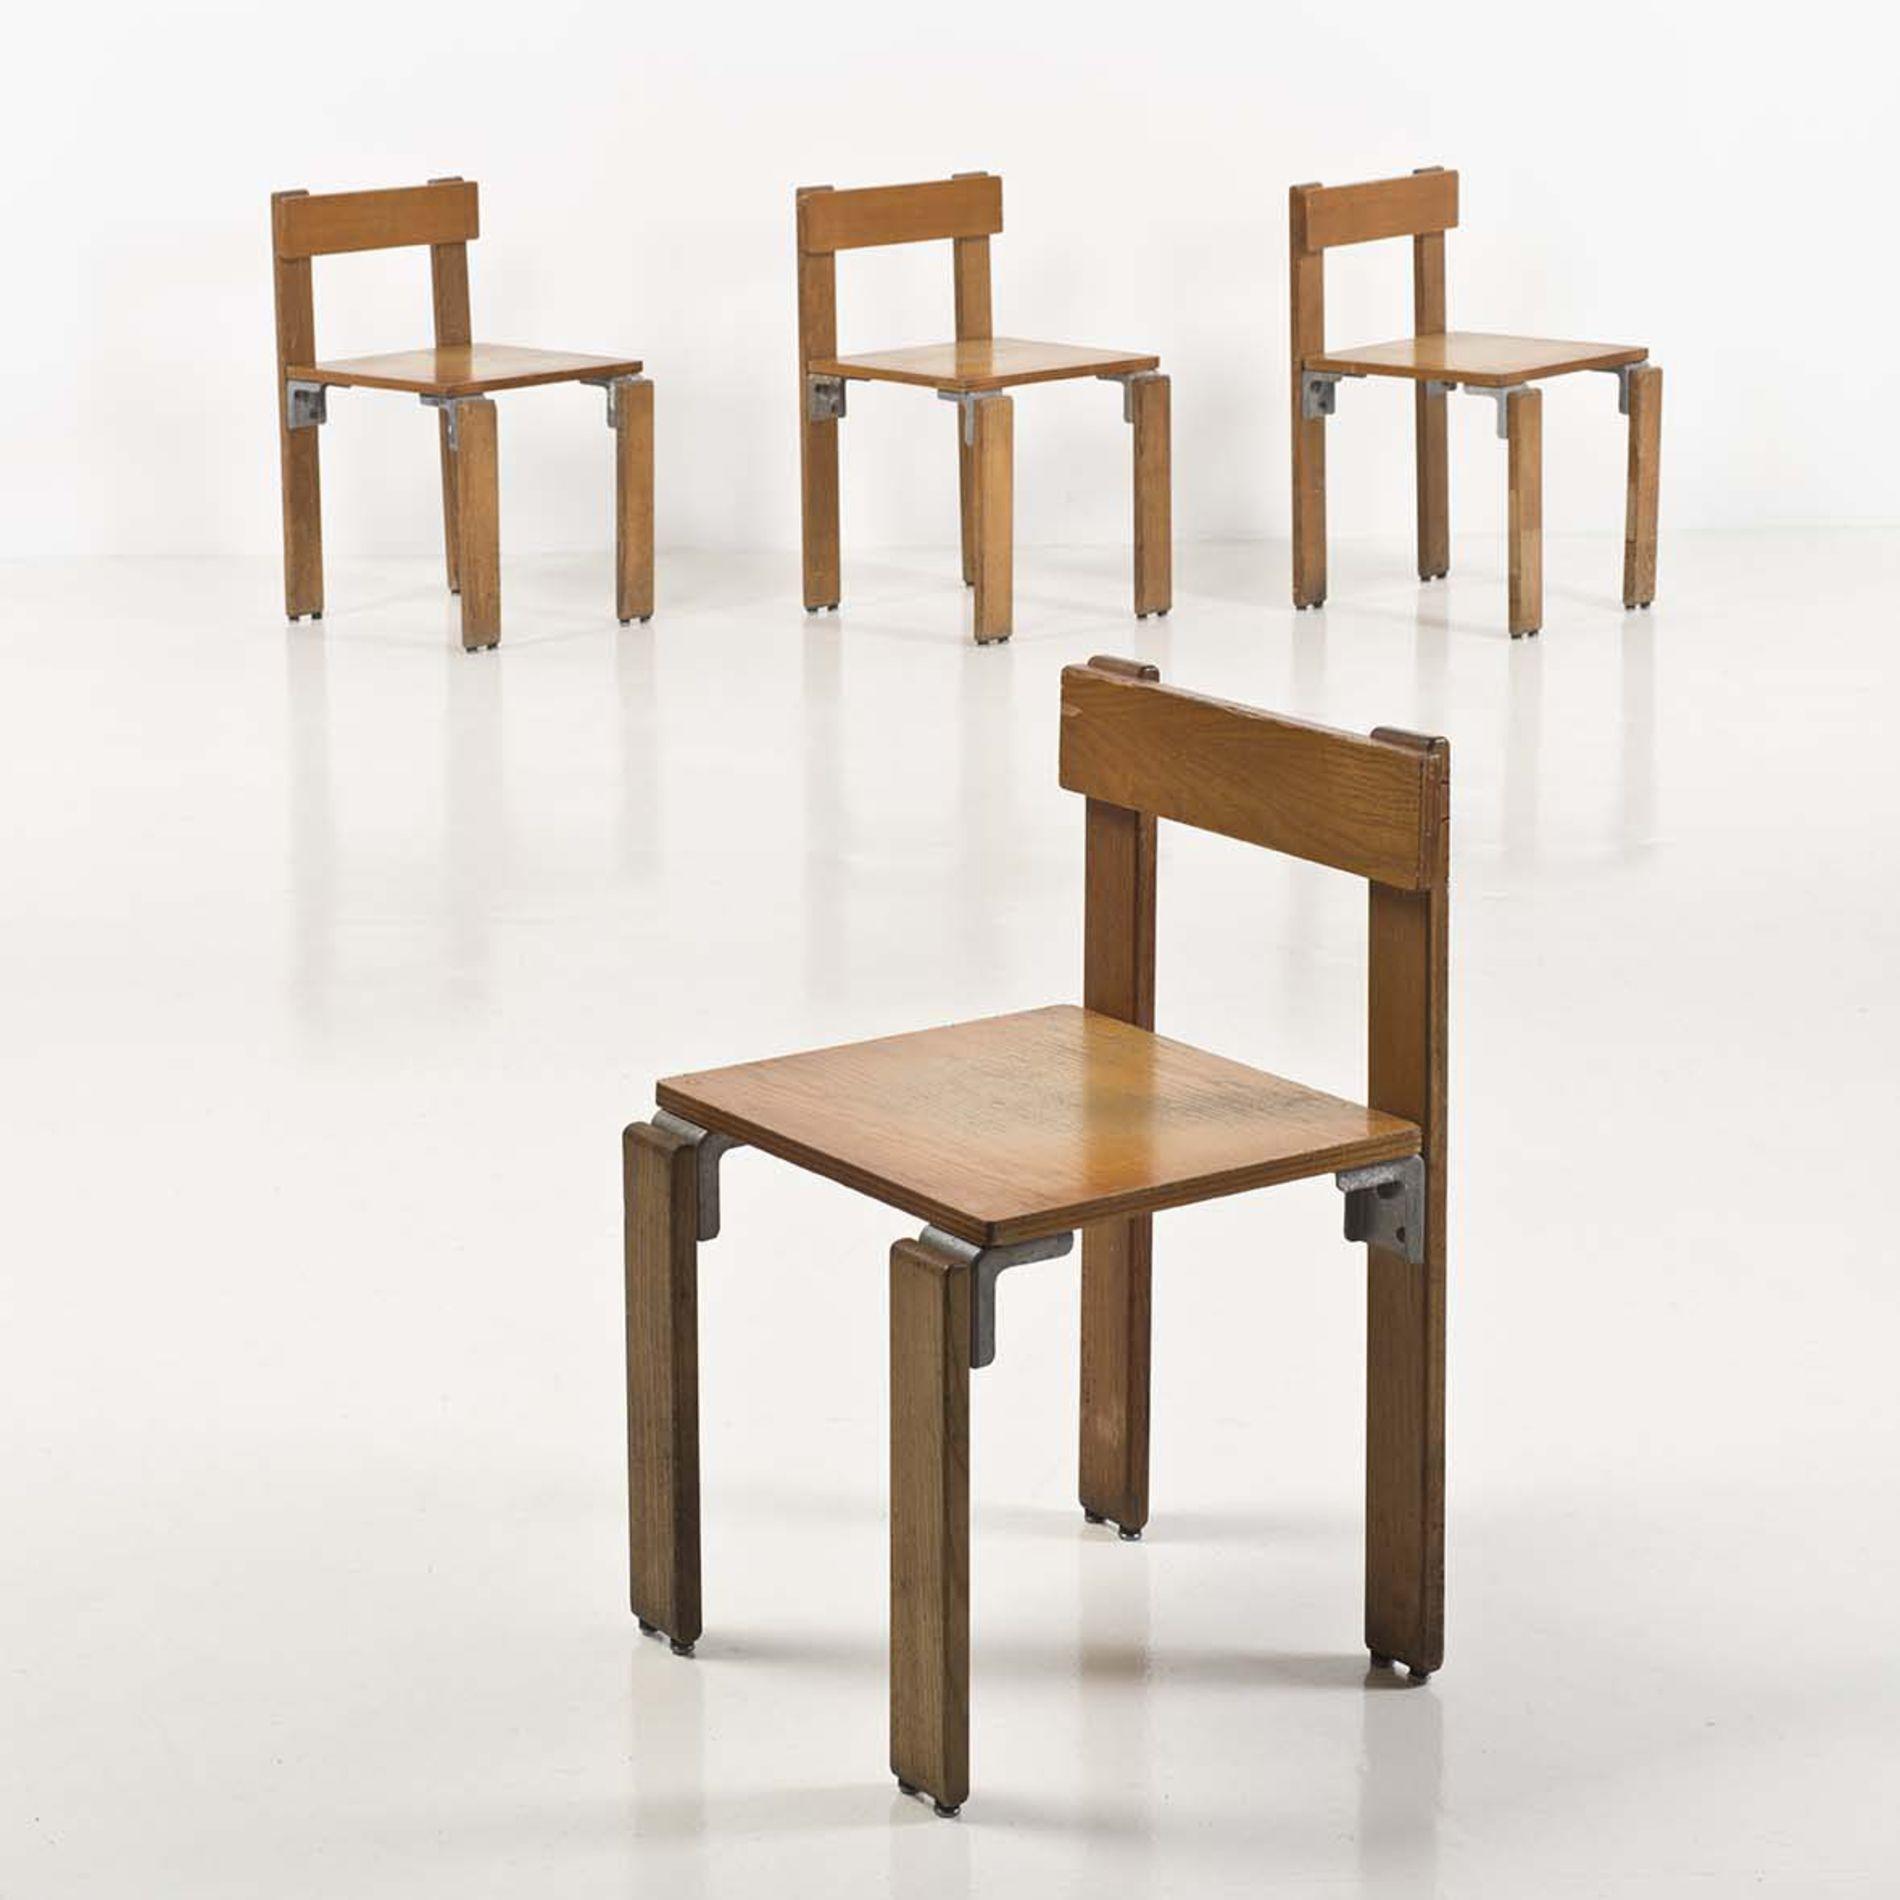 Georges Candilis (1913-1995)  Suite de quatre chaises  Bois contreplaqué et fonte d'aluminium  Date de création : 1968-1969  H 70 × L 43 × P 45 cm  Provenance : Réalisé pour la résidence Les Carrats